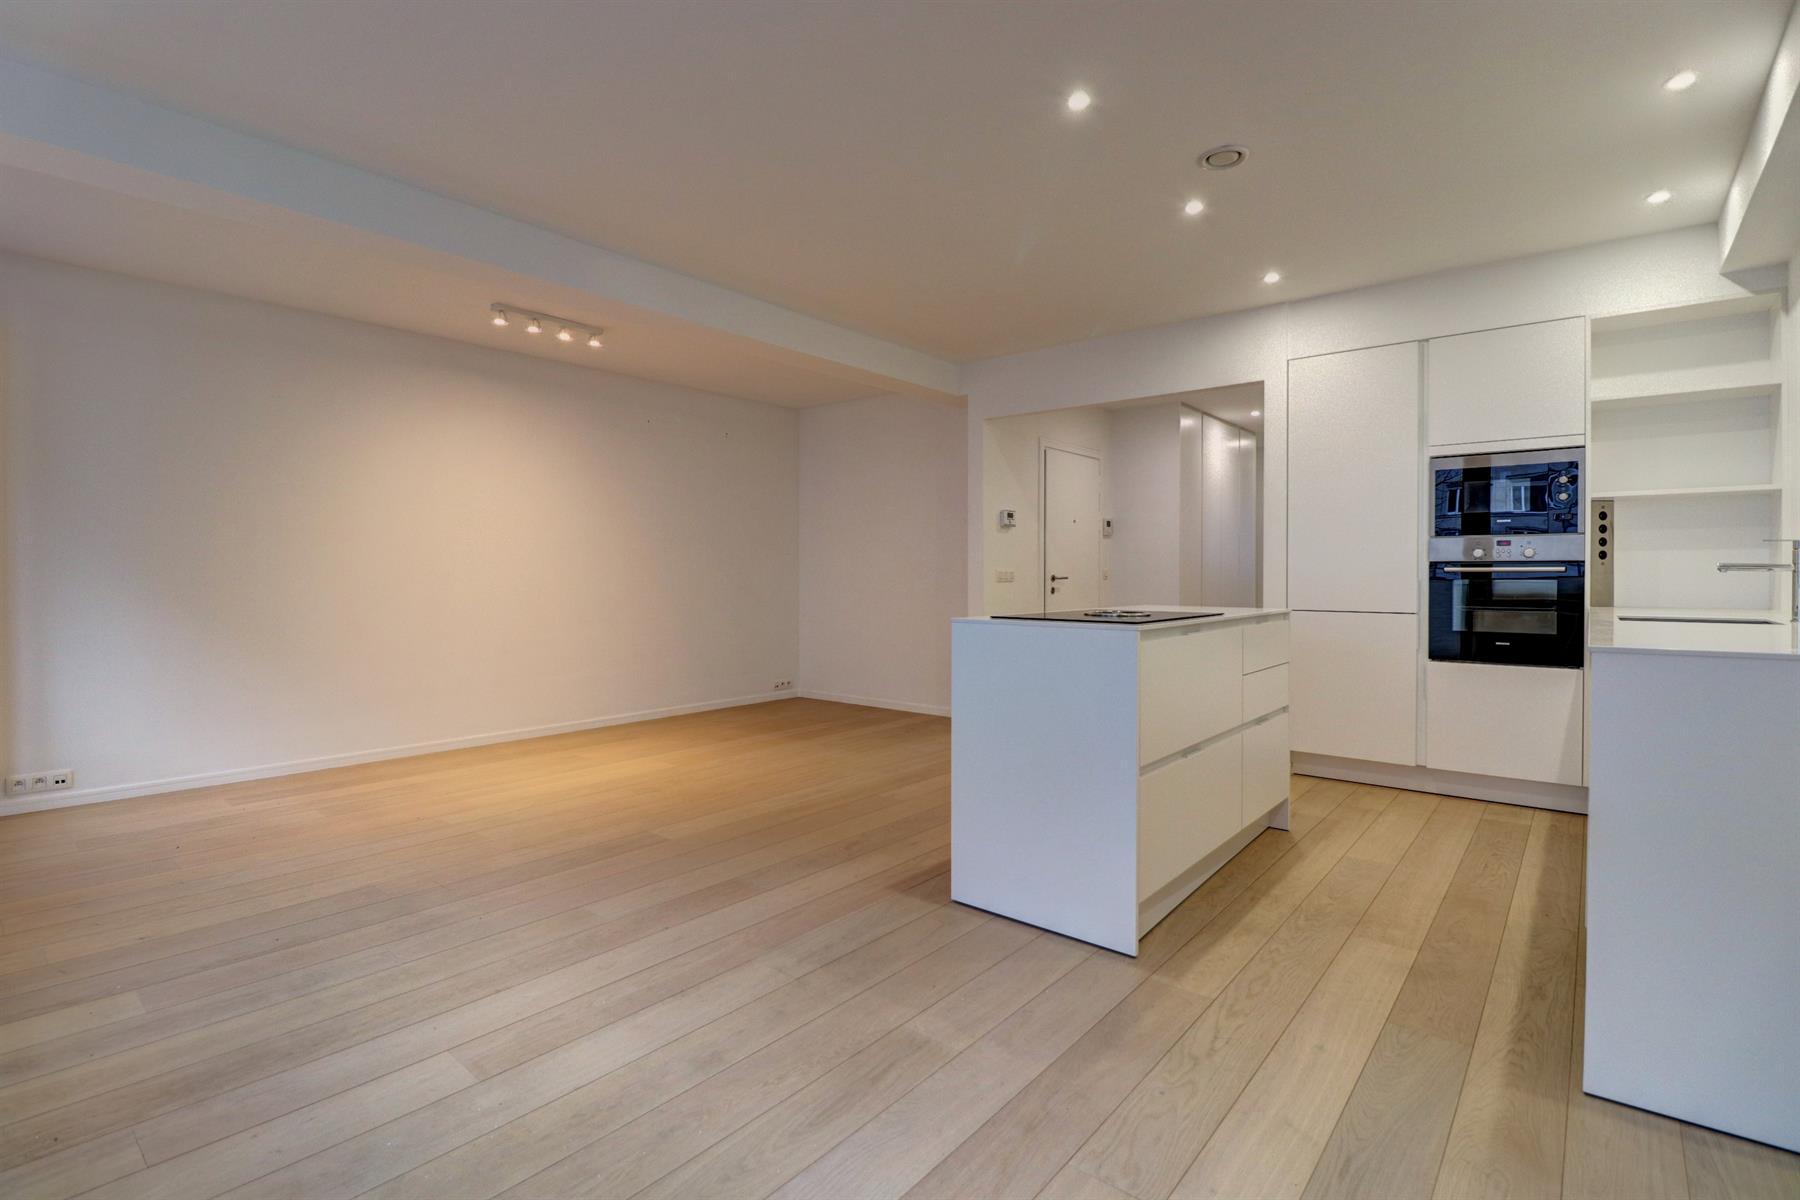 Appartement - Bruxelles - #4264774-25